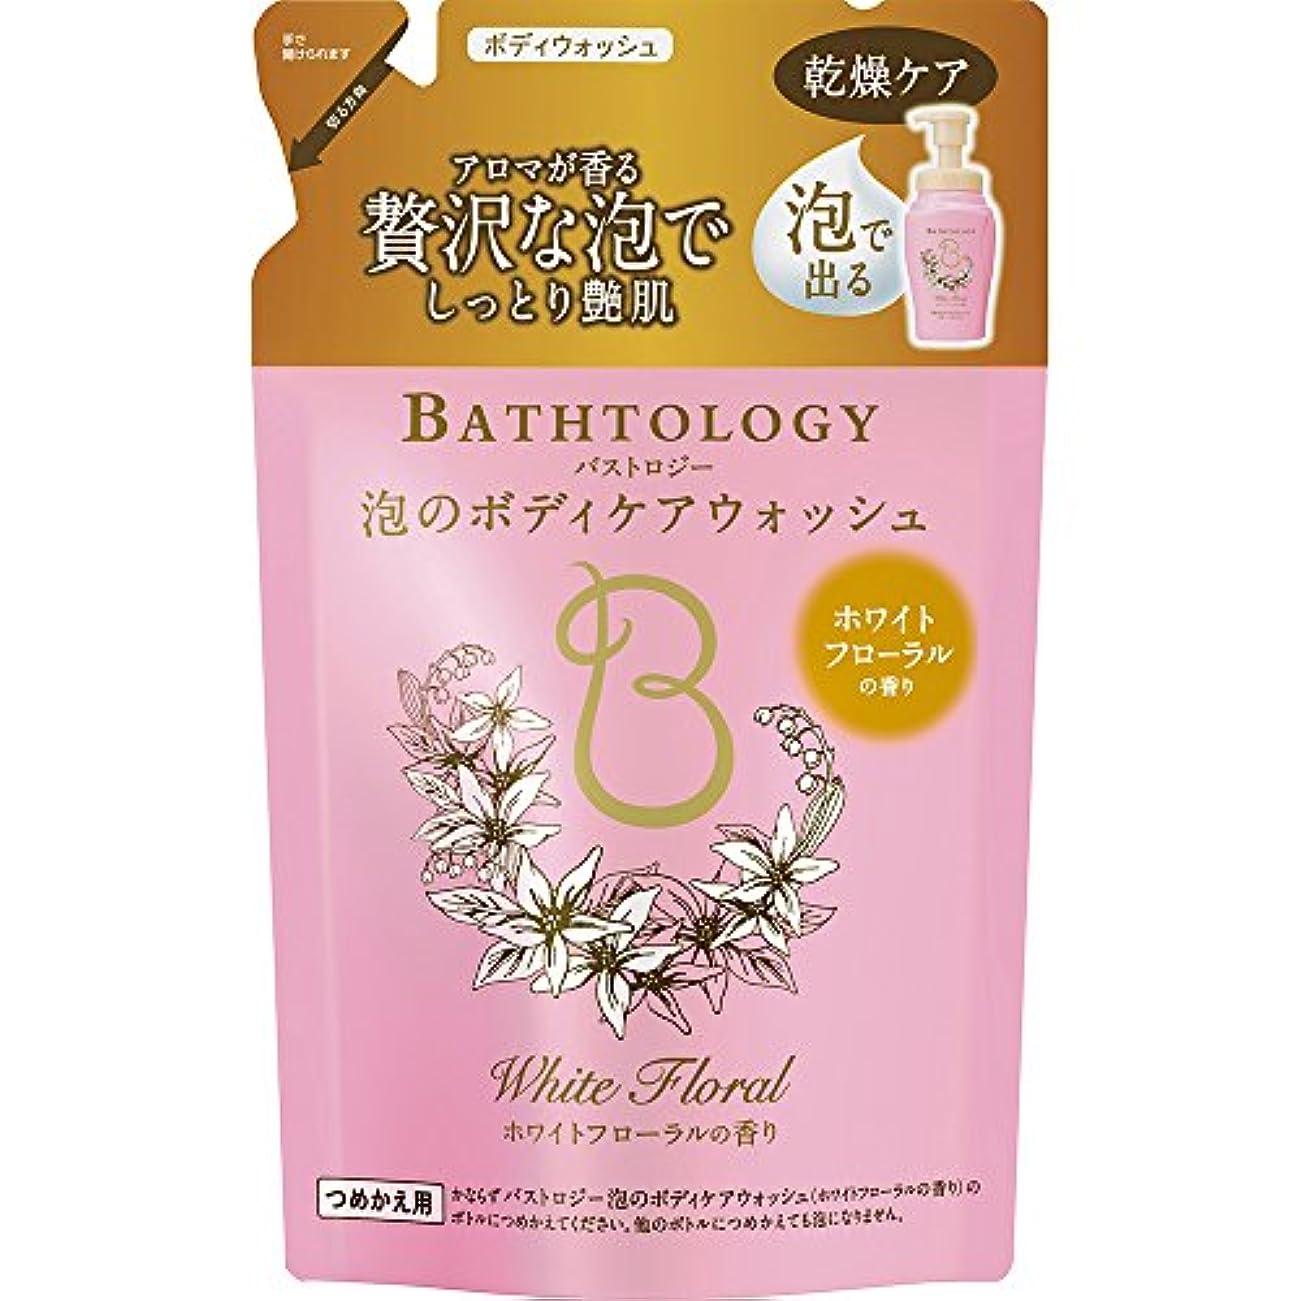 銀河ホームレス平日BATHTOLOGY 泡のボディケアウォッシュ ホワイトフローラルの香り 詰め替え 350ml